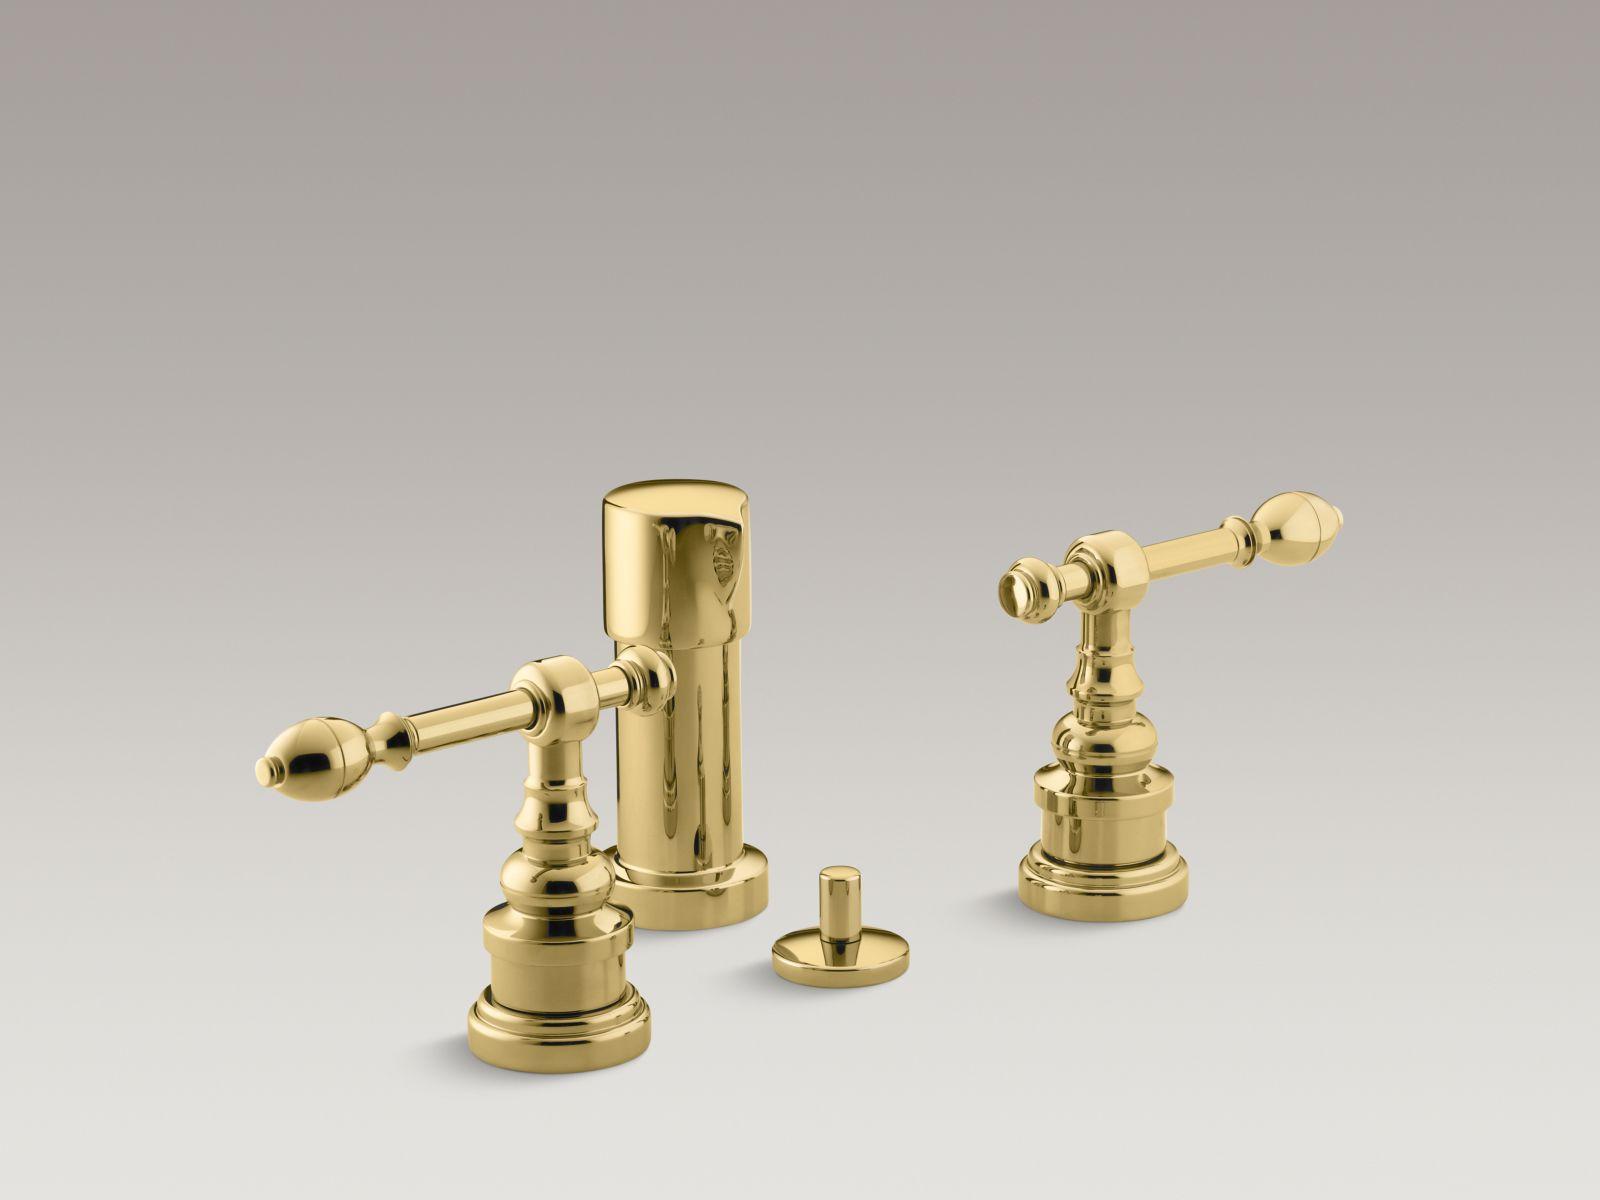 Kohler K-6814-4-PB IV Georges Brass Vertical Spray Bidet Faucet with Lever Handles Vibrant Polished Brass